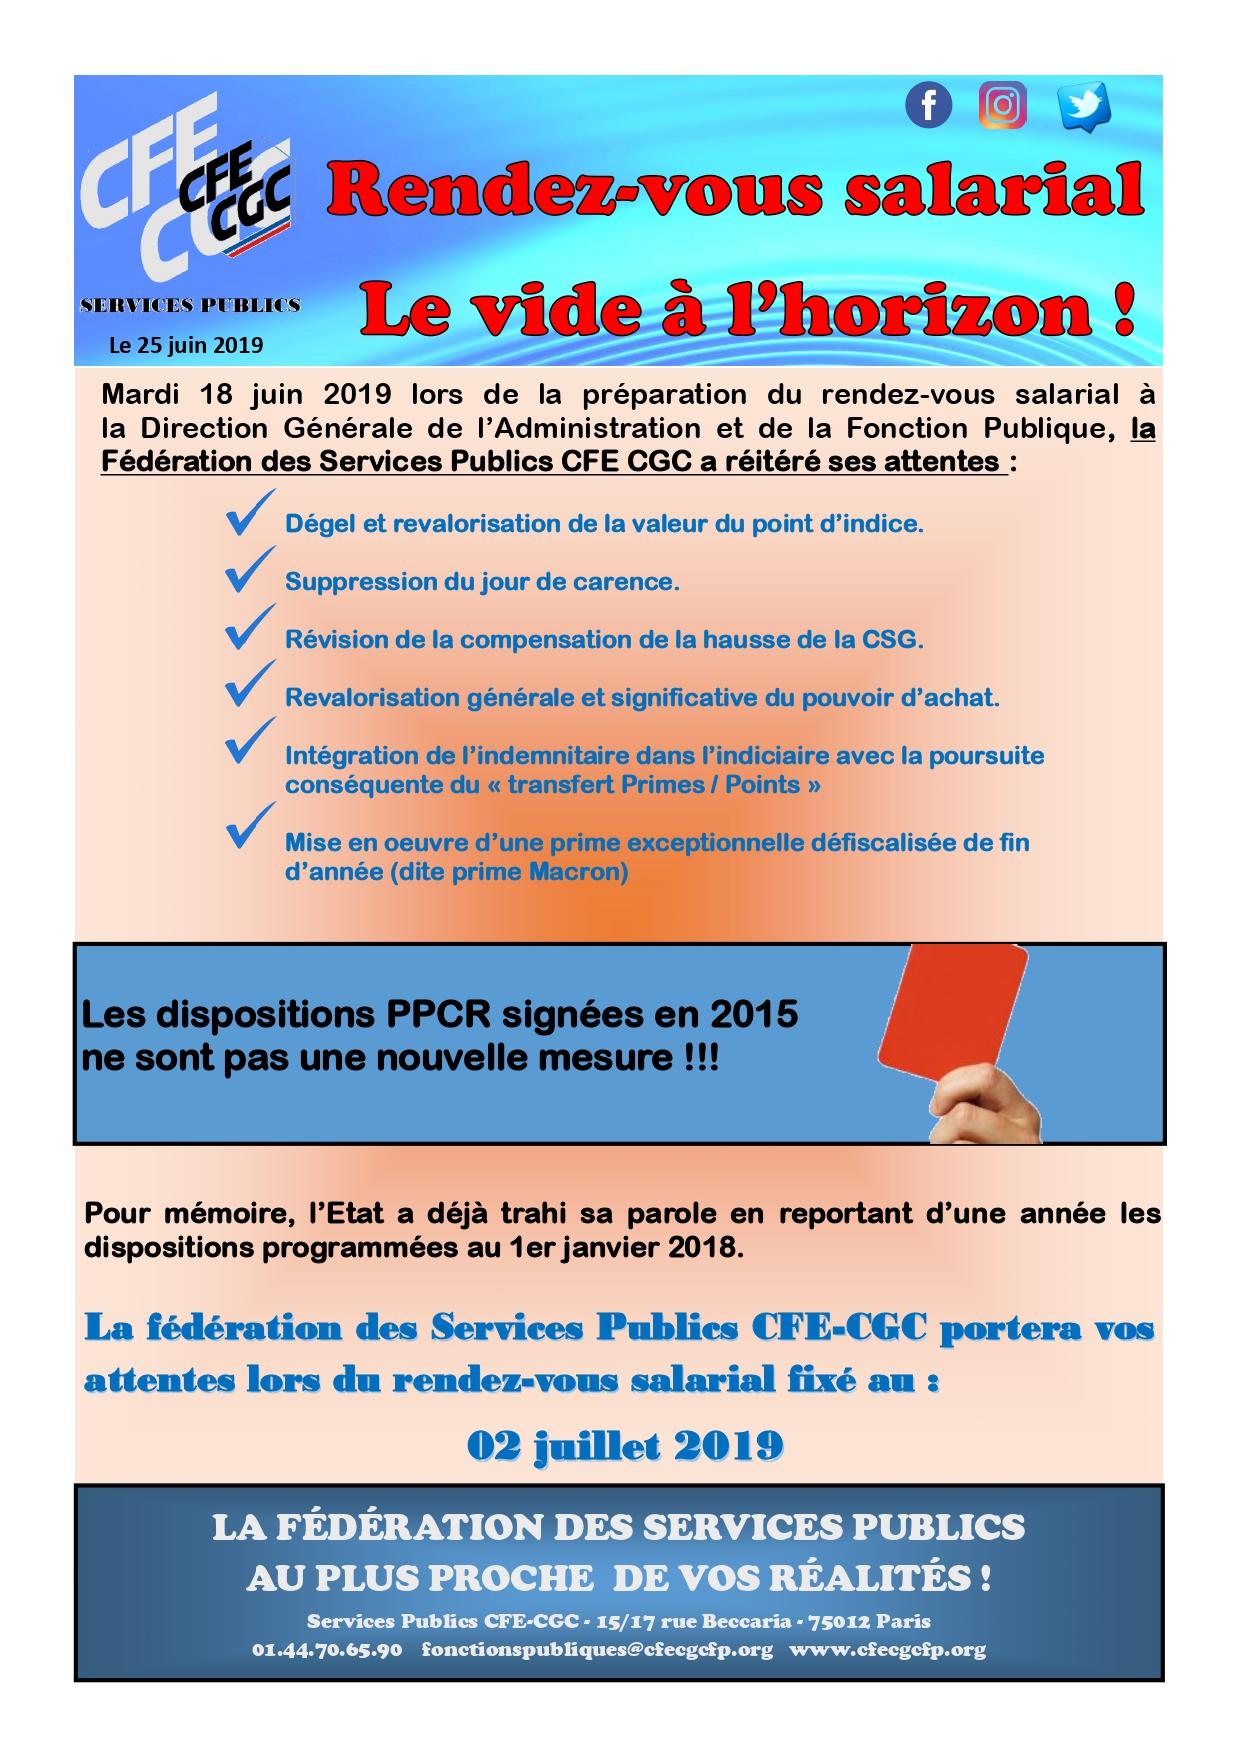 Communication de la Fédération des Services Publics – CFE